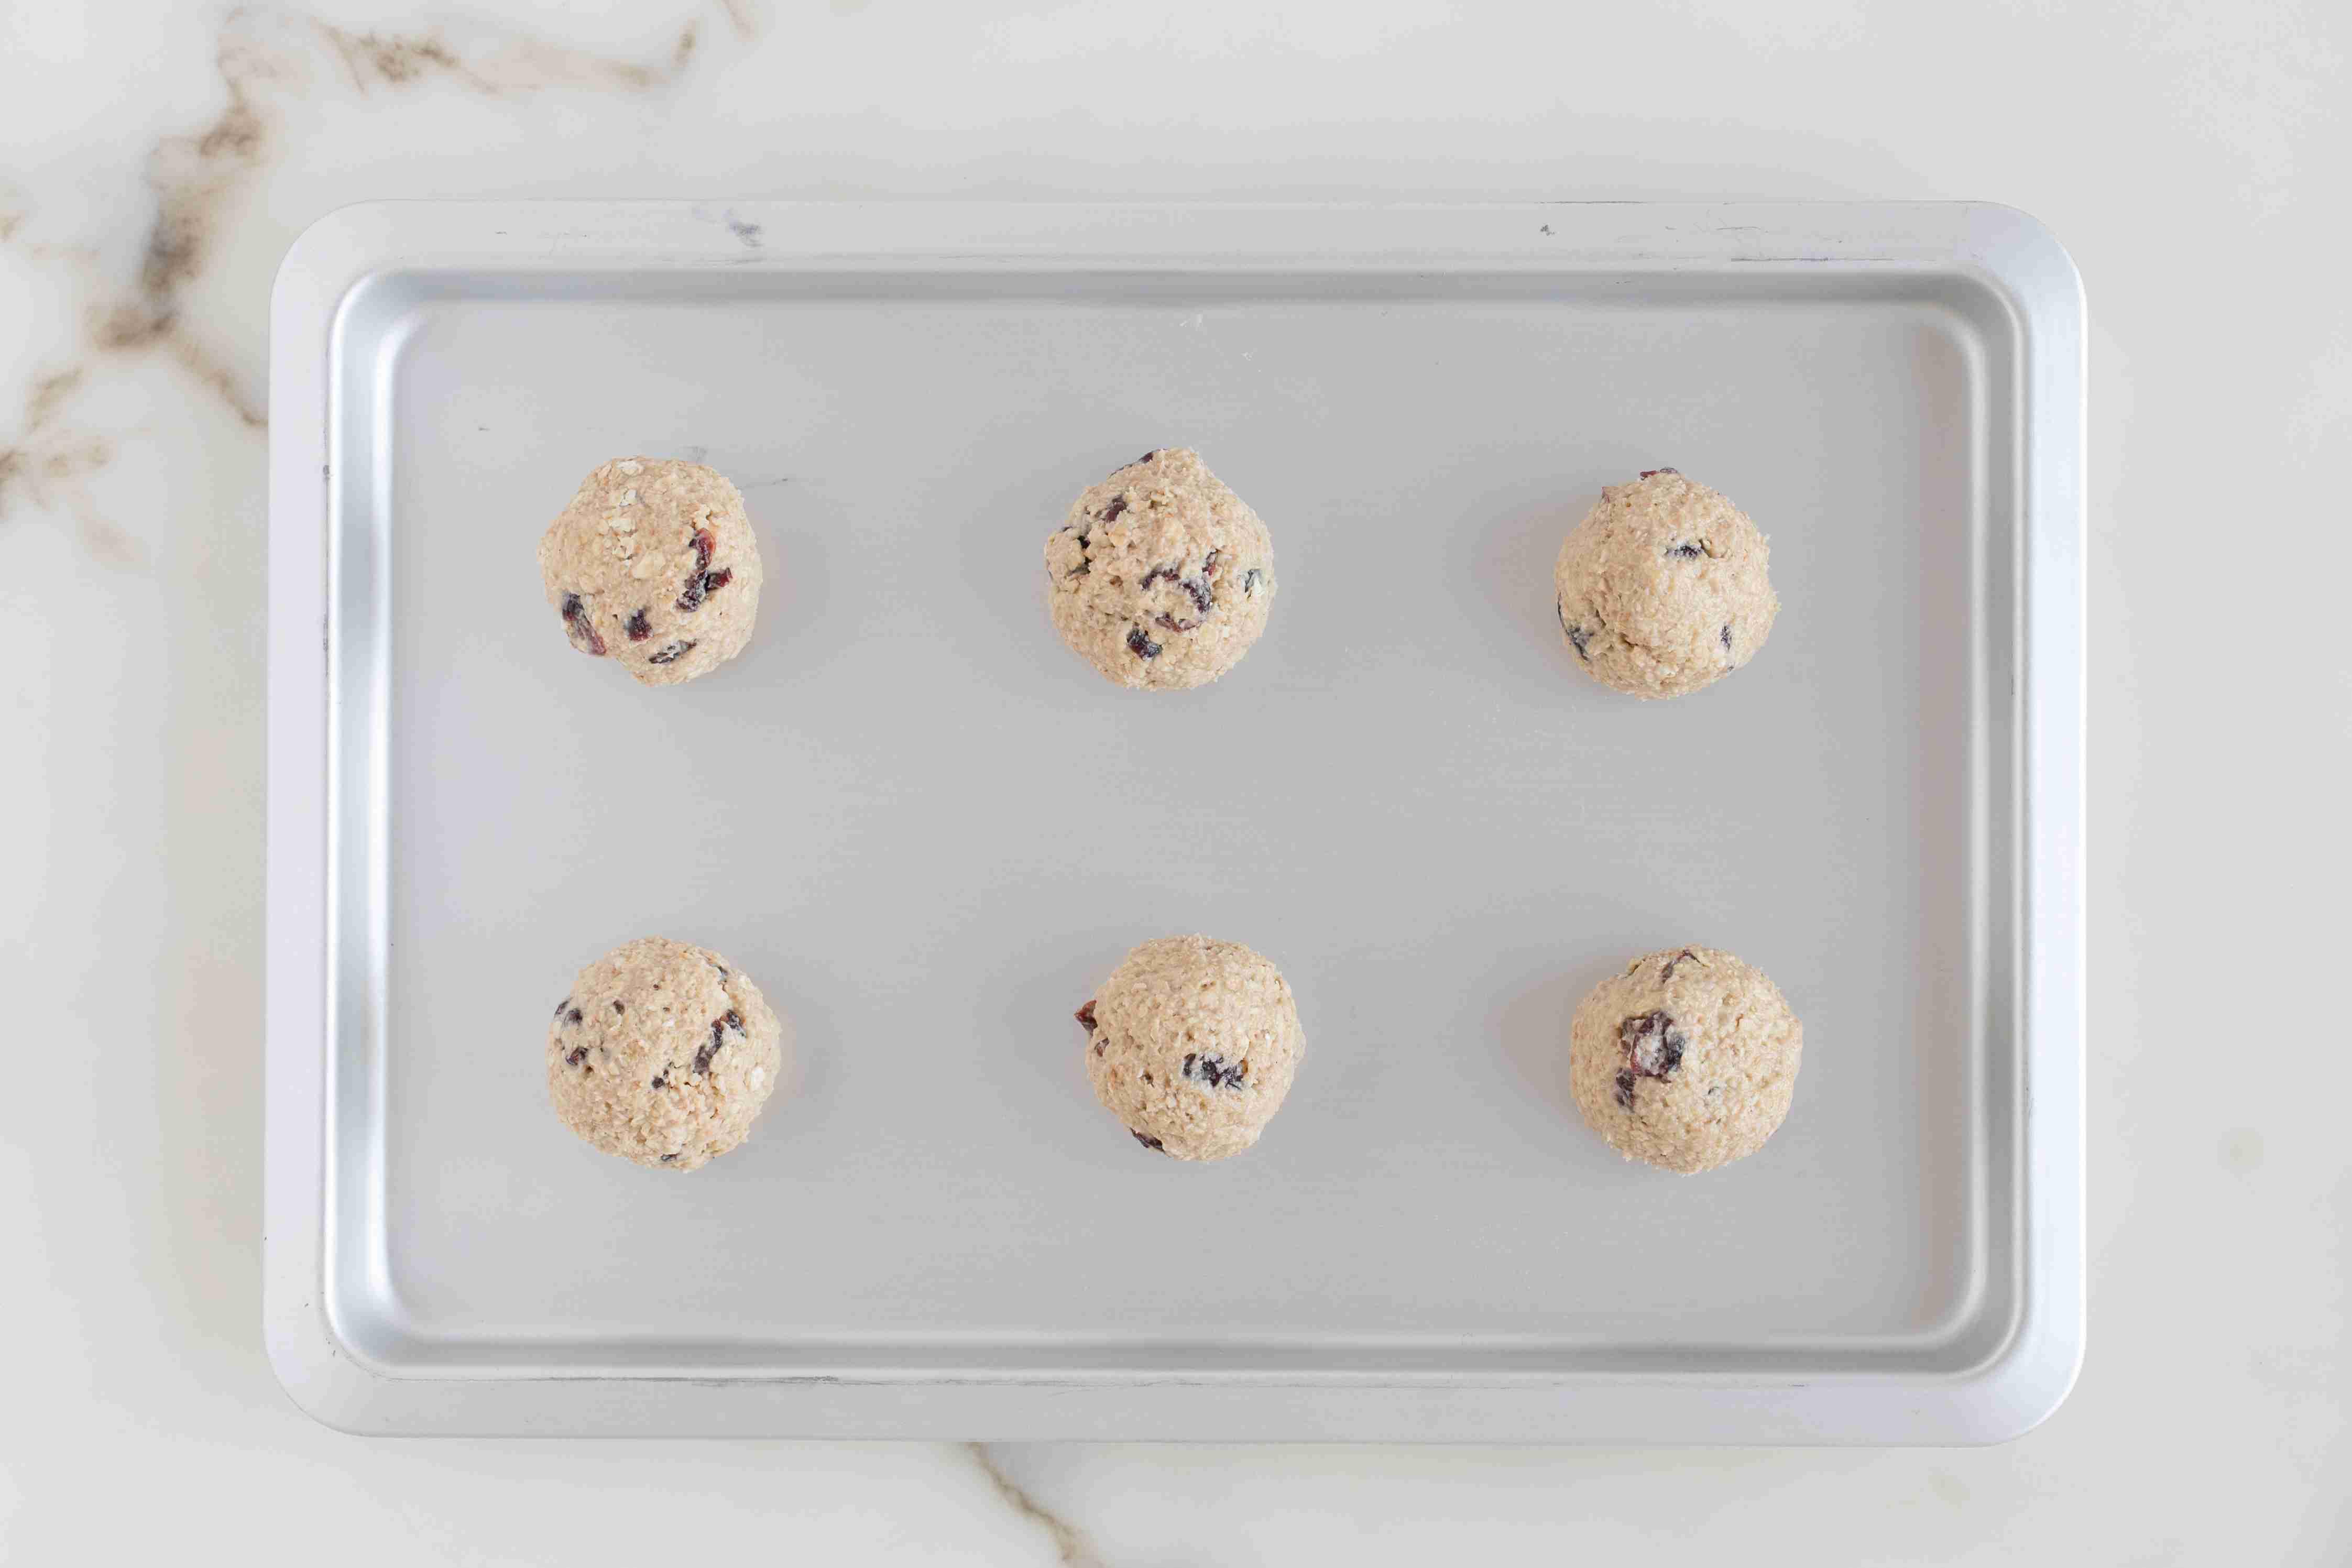 Spoon the dough into balls